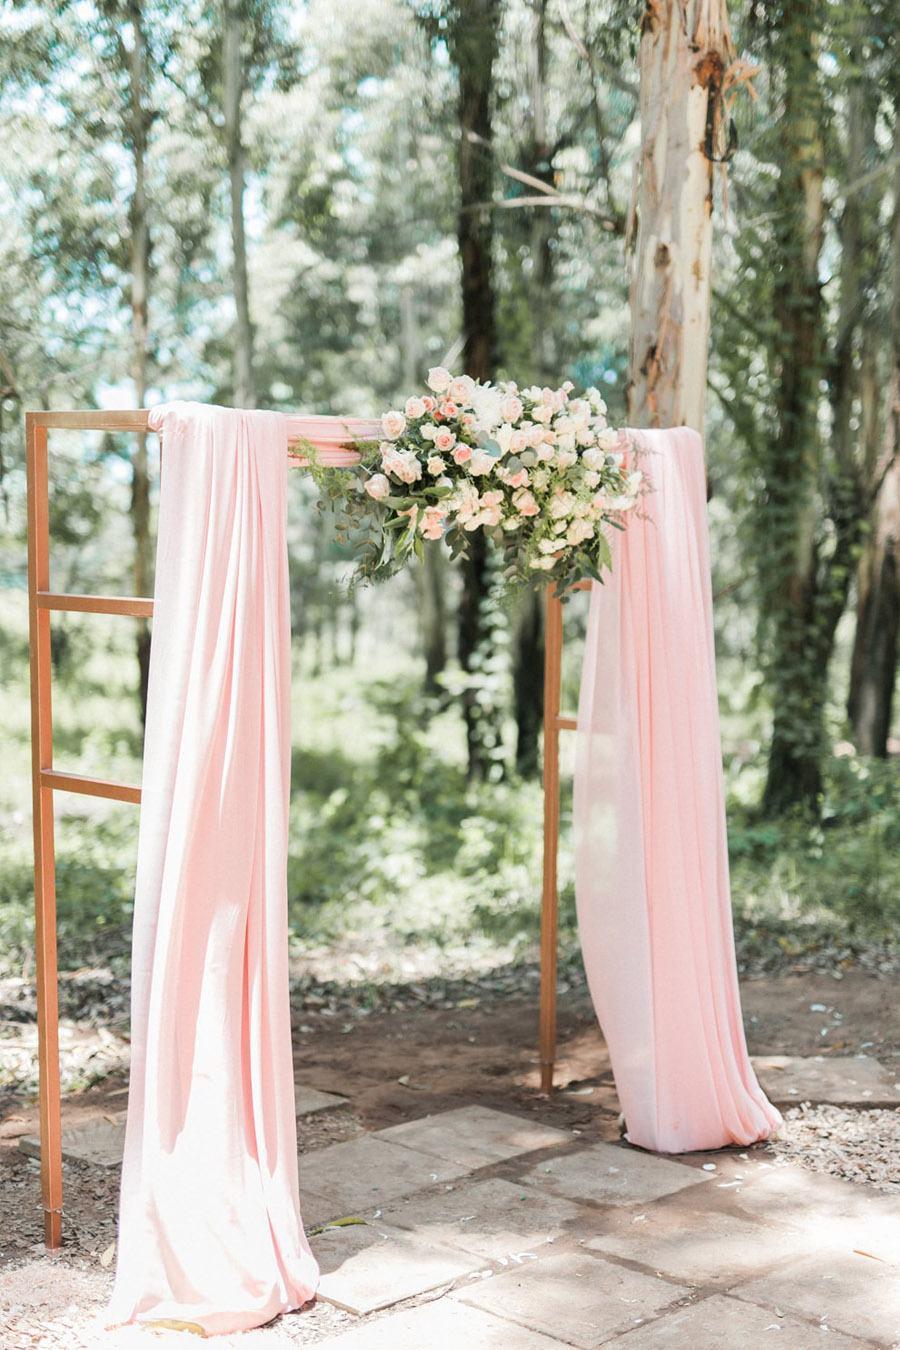 Decoración de boda rosa y dorado - Boda rústica 1